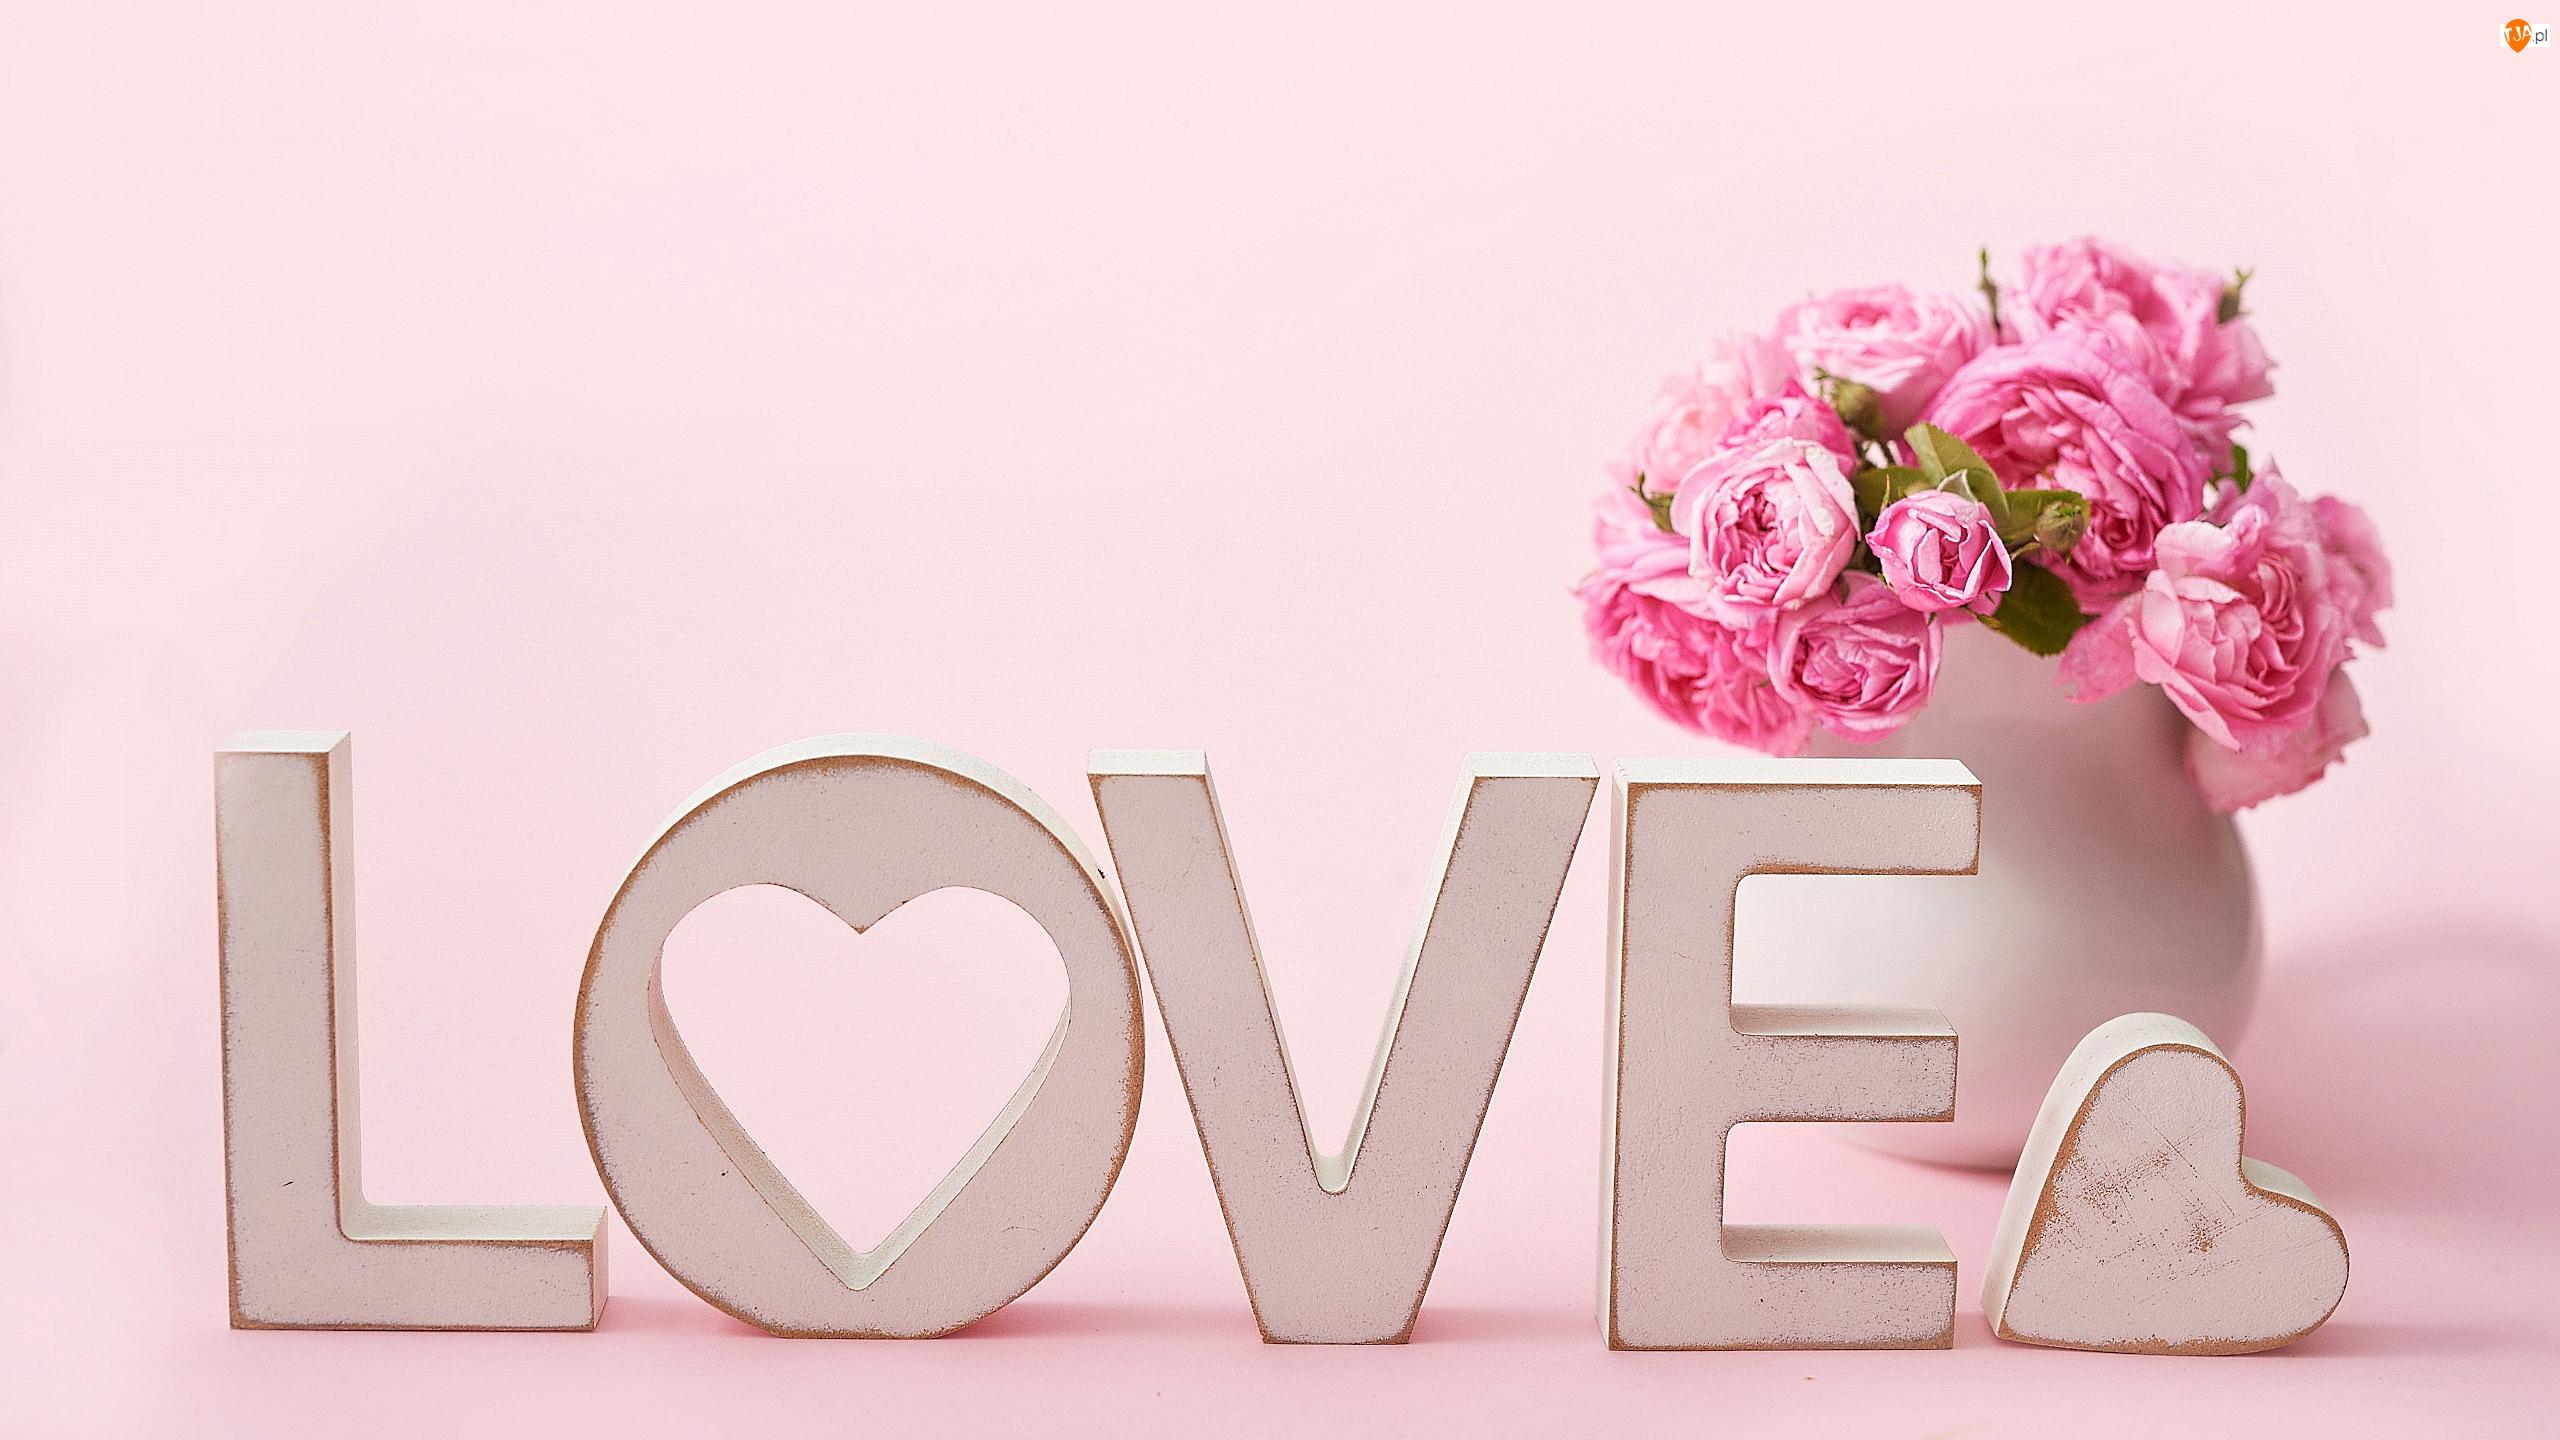 Róże, Bukiet, Serce, Kwiaty, Love, Napis, Wazon